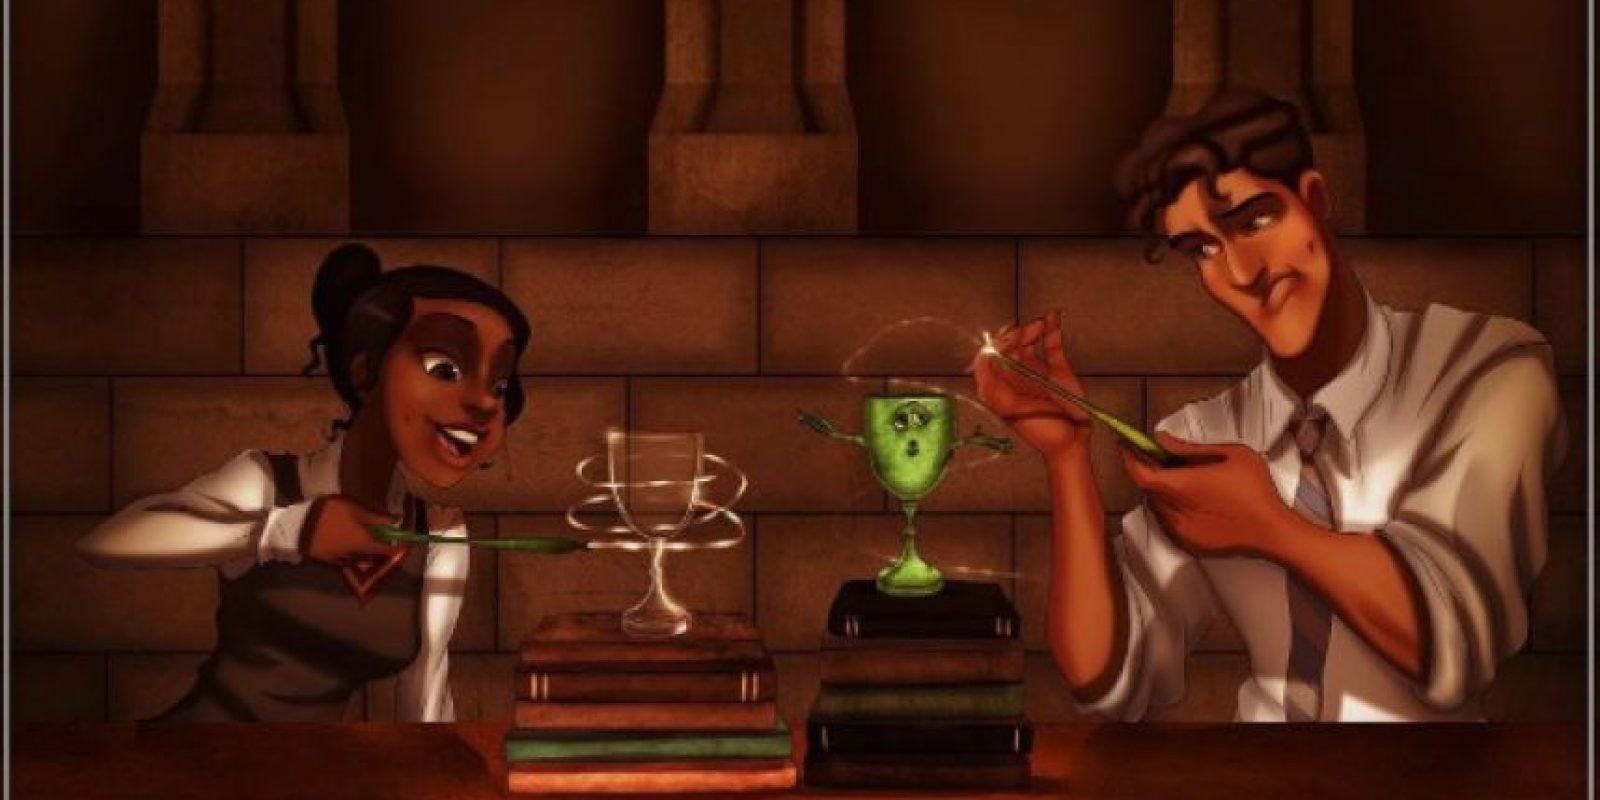 """Mientras """"Tiana"""" y """"Naveen"""" practican sus pociones. Foto:vía instagram.com/isaiahks_art"""